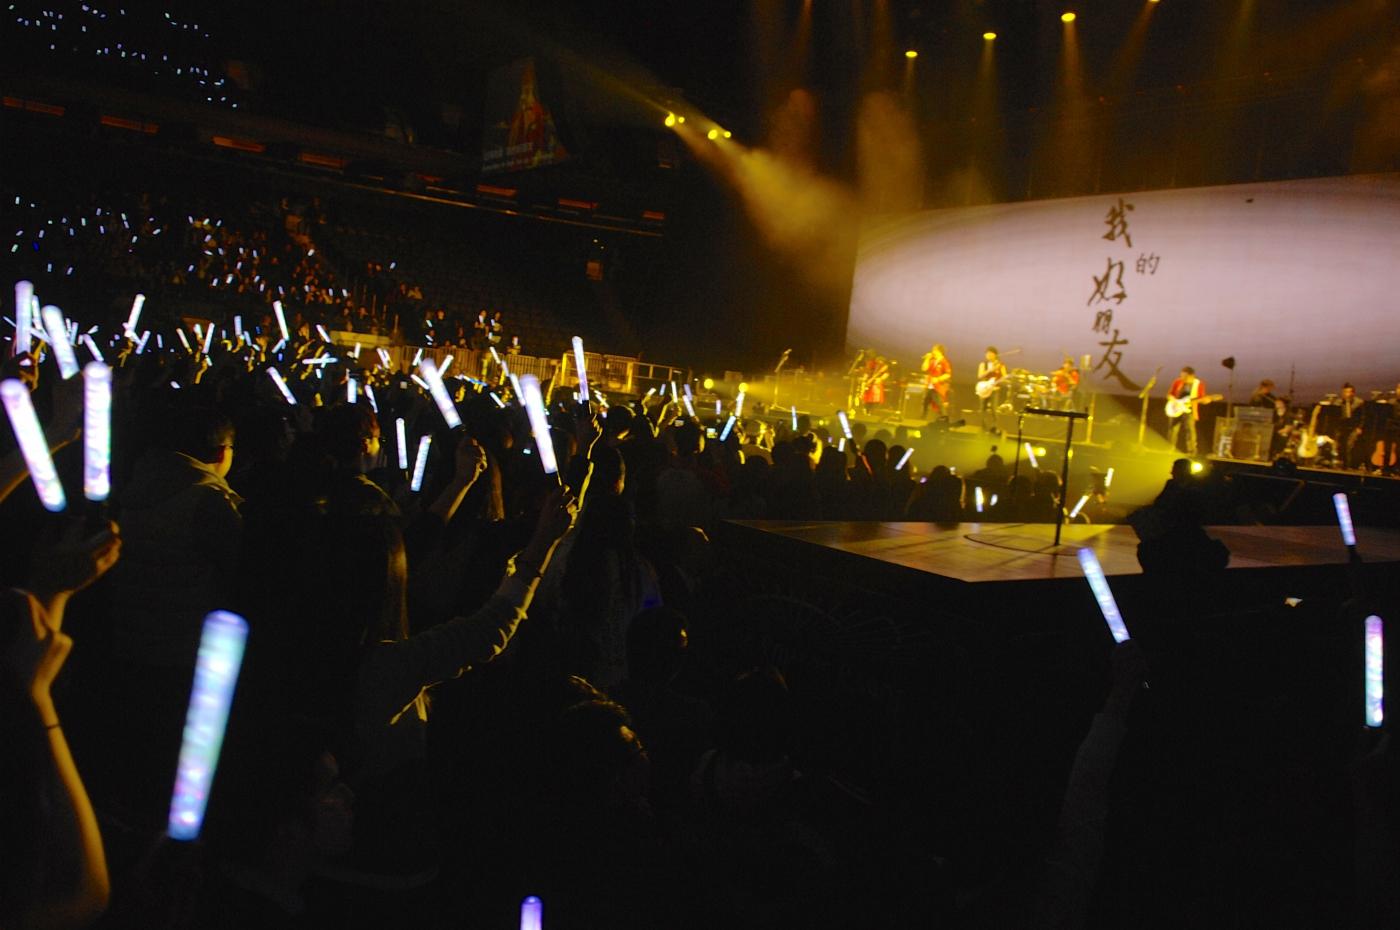 圖博-五月天今晚創造歷史, 引爆麥迪遜花園廣場Madison Square Garden-一萬多歌迷共同 ..._图1-2